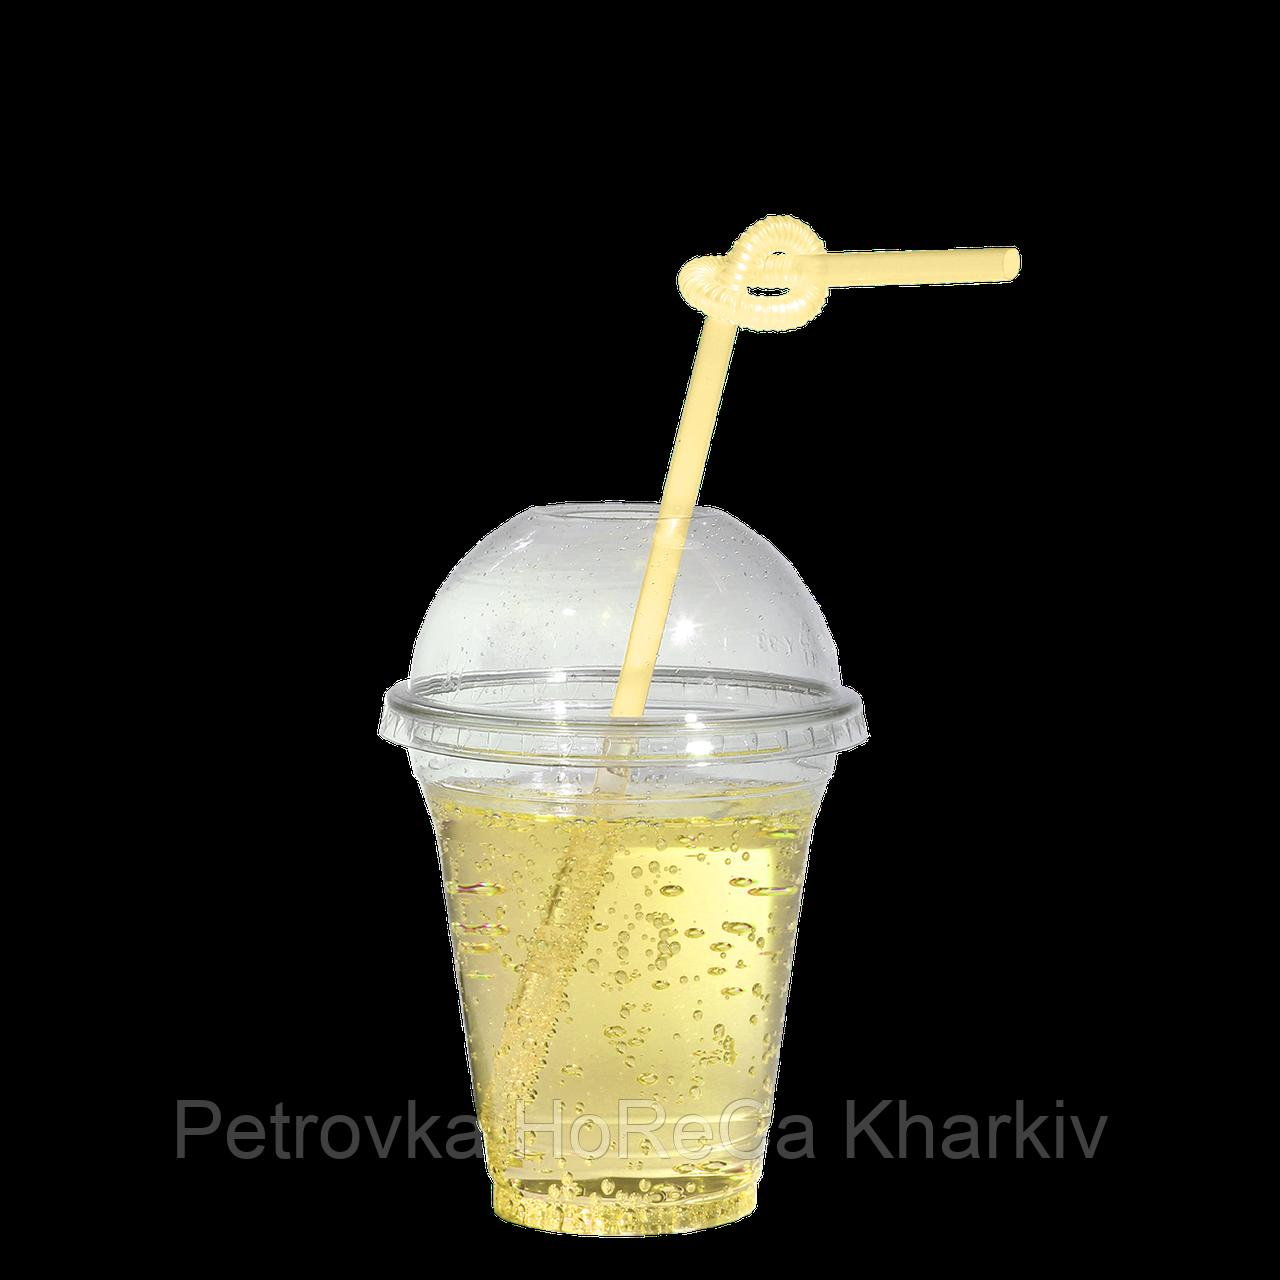 """Пластикові стакани під купольну кришку """"П"""" 200мл 50шт (без кришки)"""